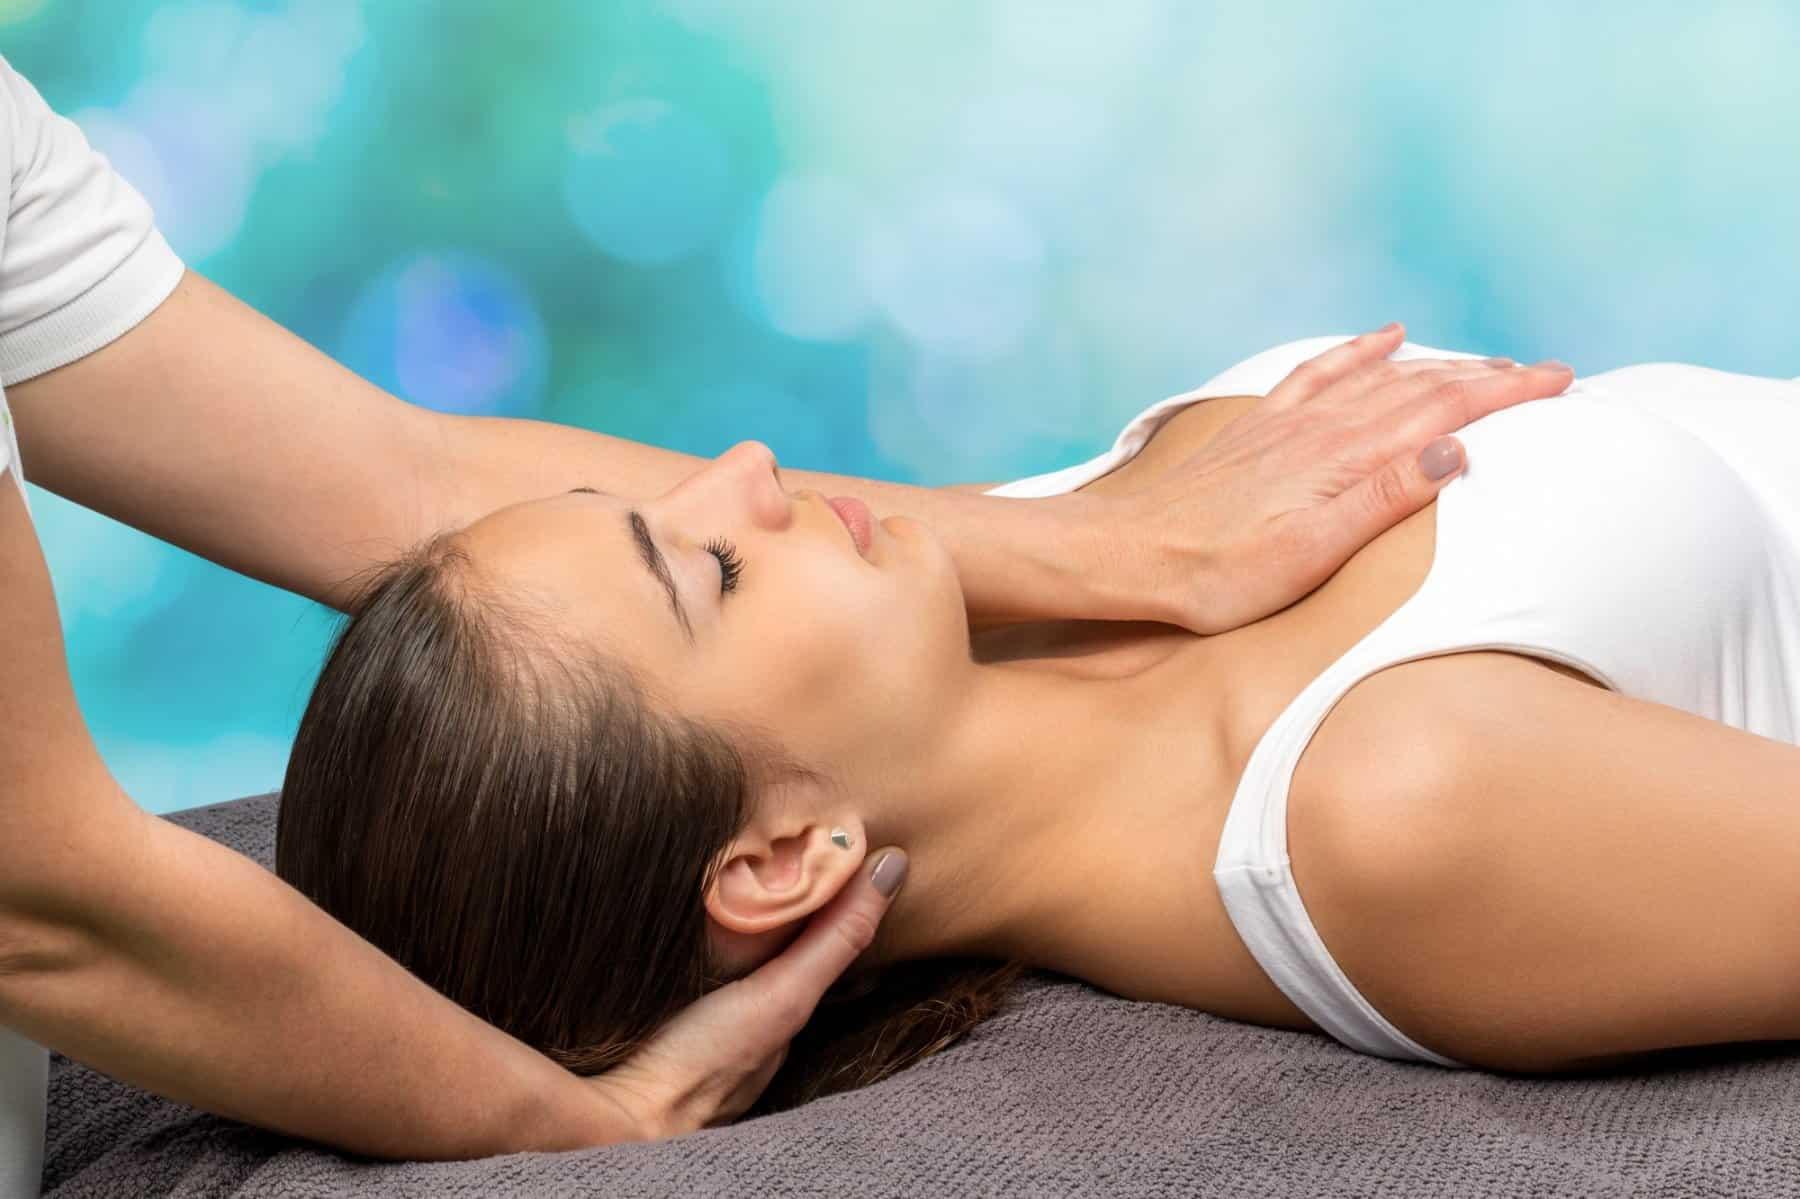 La fasciathérapie, une thérapie manuelle qui favorise le bien-être général